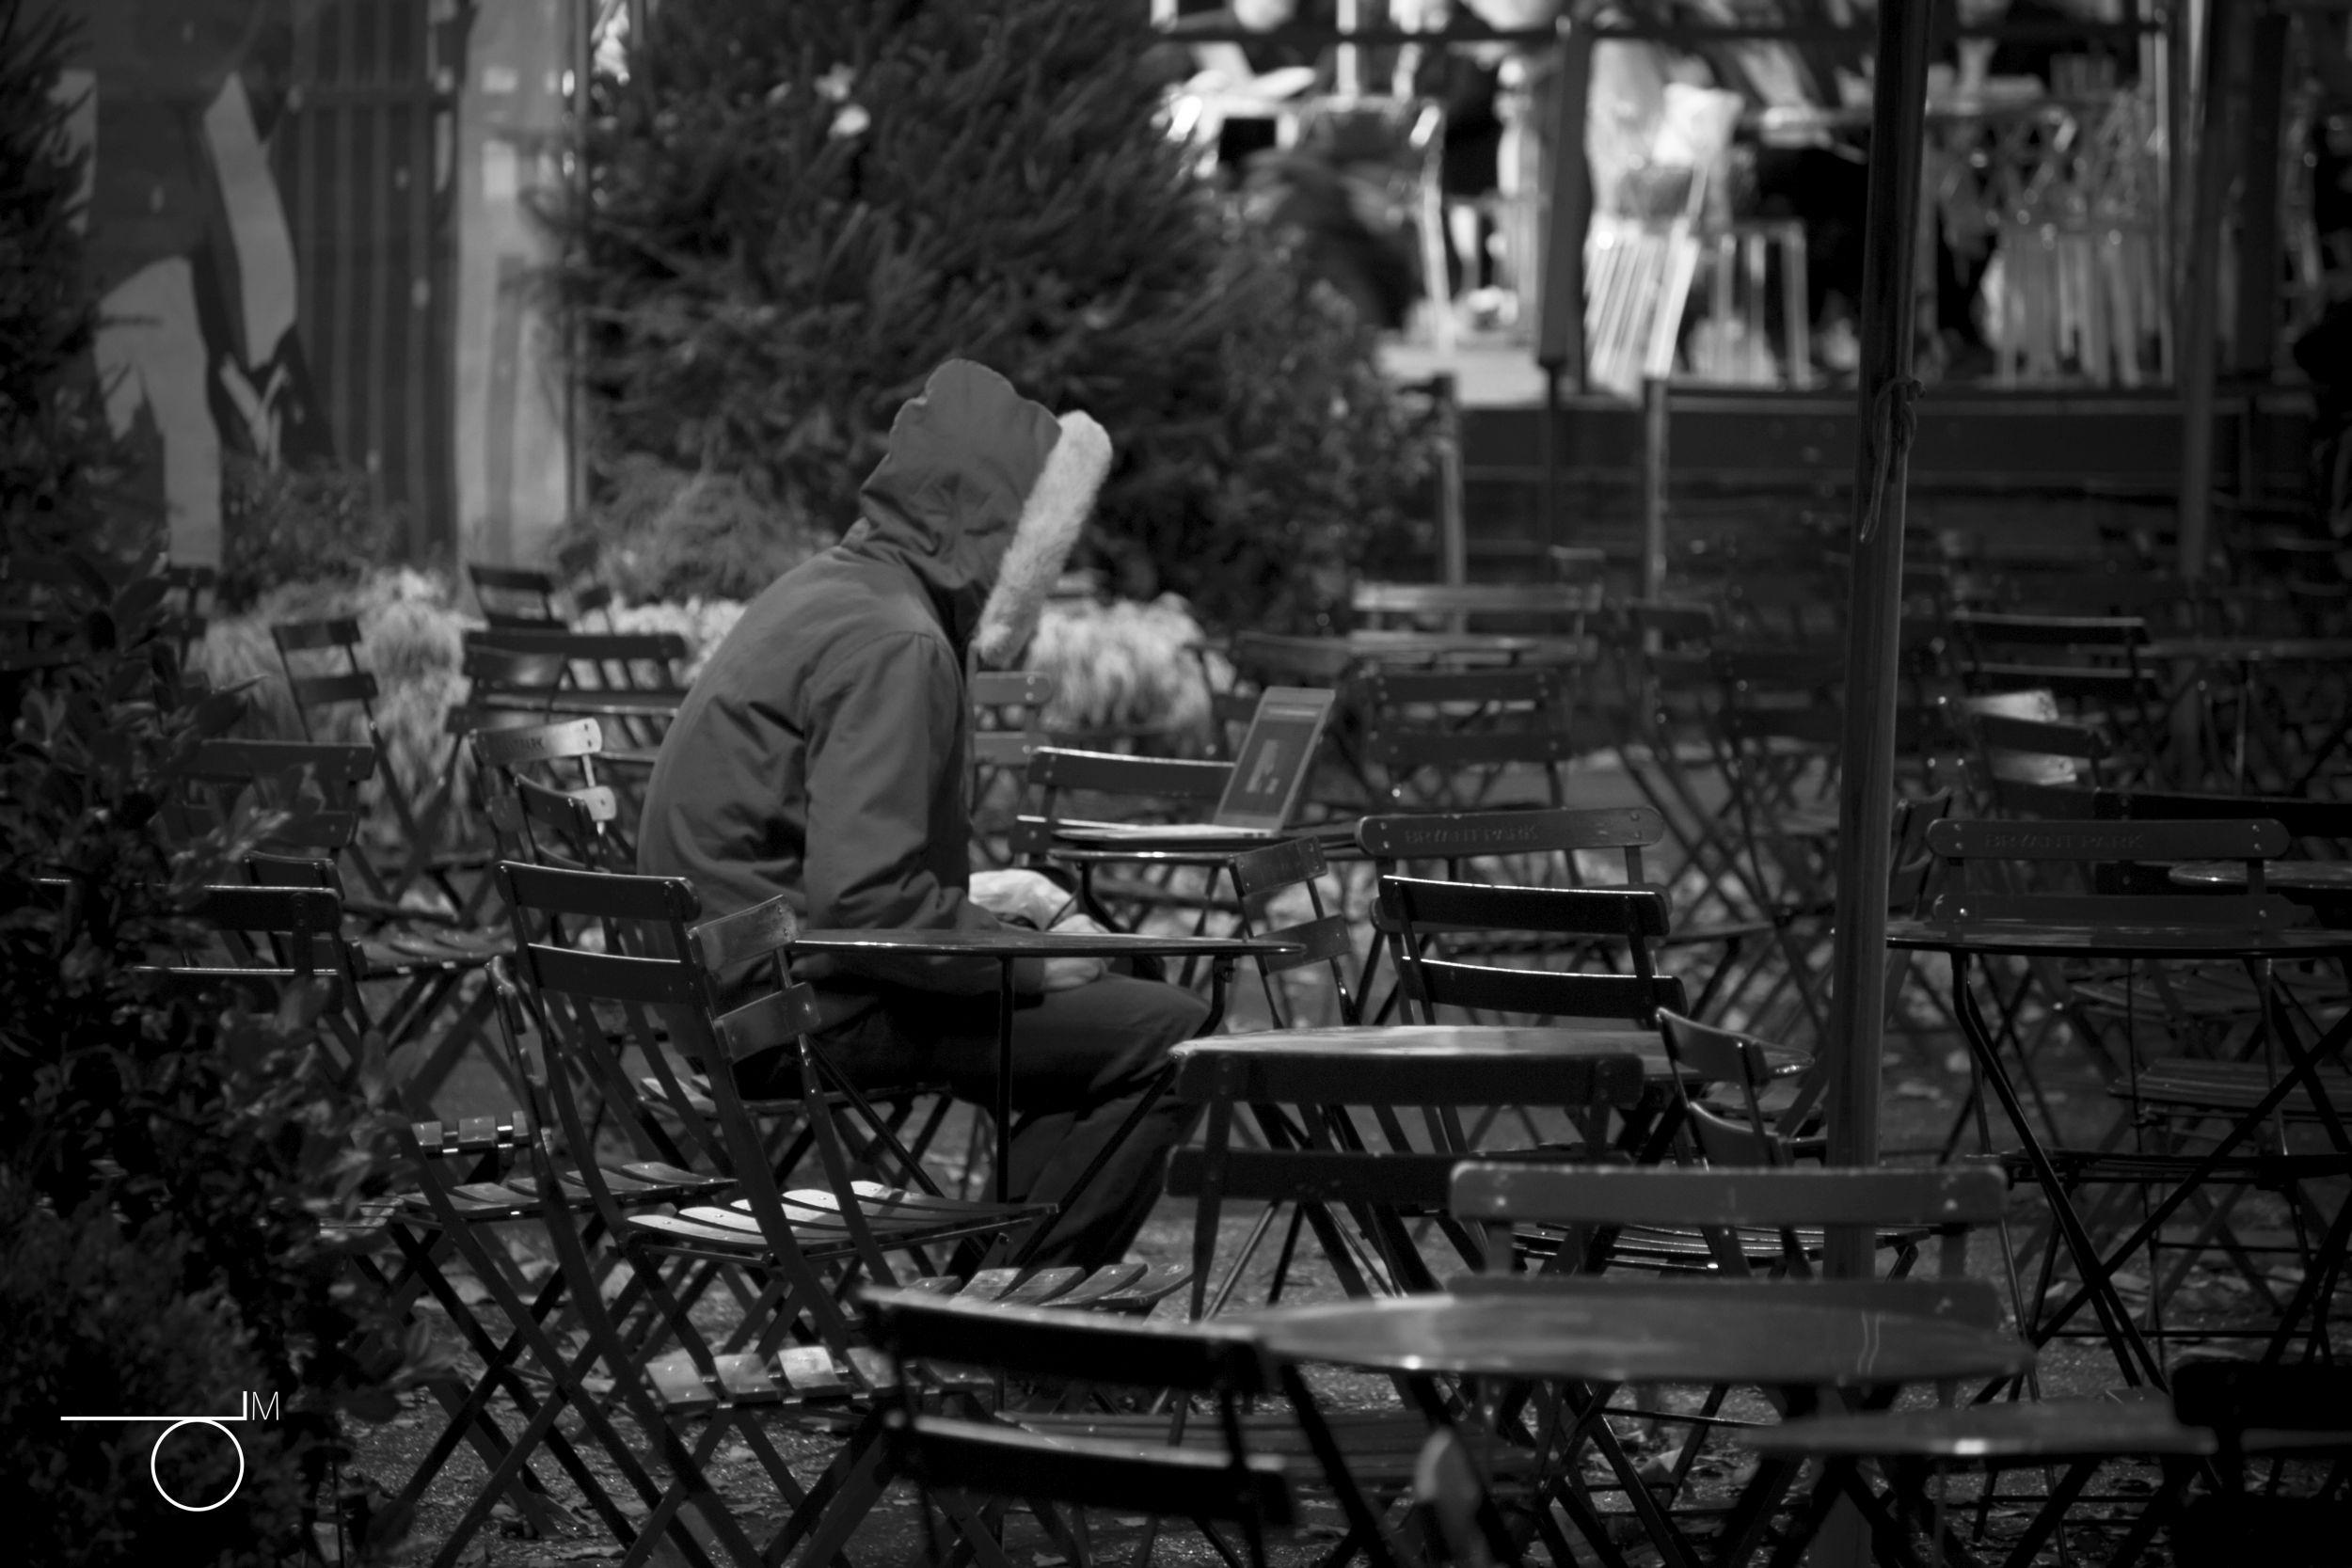 Uzależniony gracz popadając w nałóg izoluje się od bliskich, niszczy relacje w rodzinie i często marnuje swoje szanse na normalne życie (fot. Derek Mindler / Flickr.com / bit.ly/1O7jyse / CC BY SA-2.0)